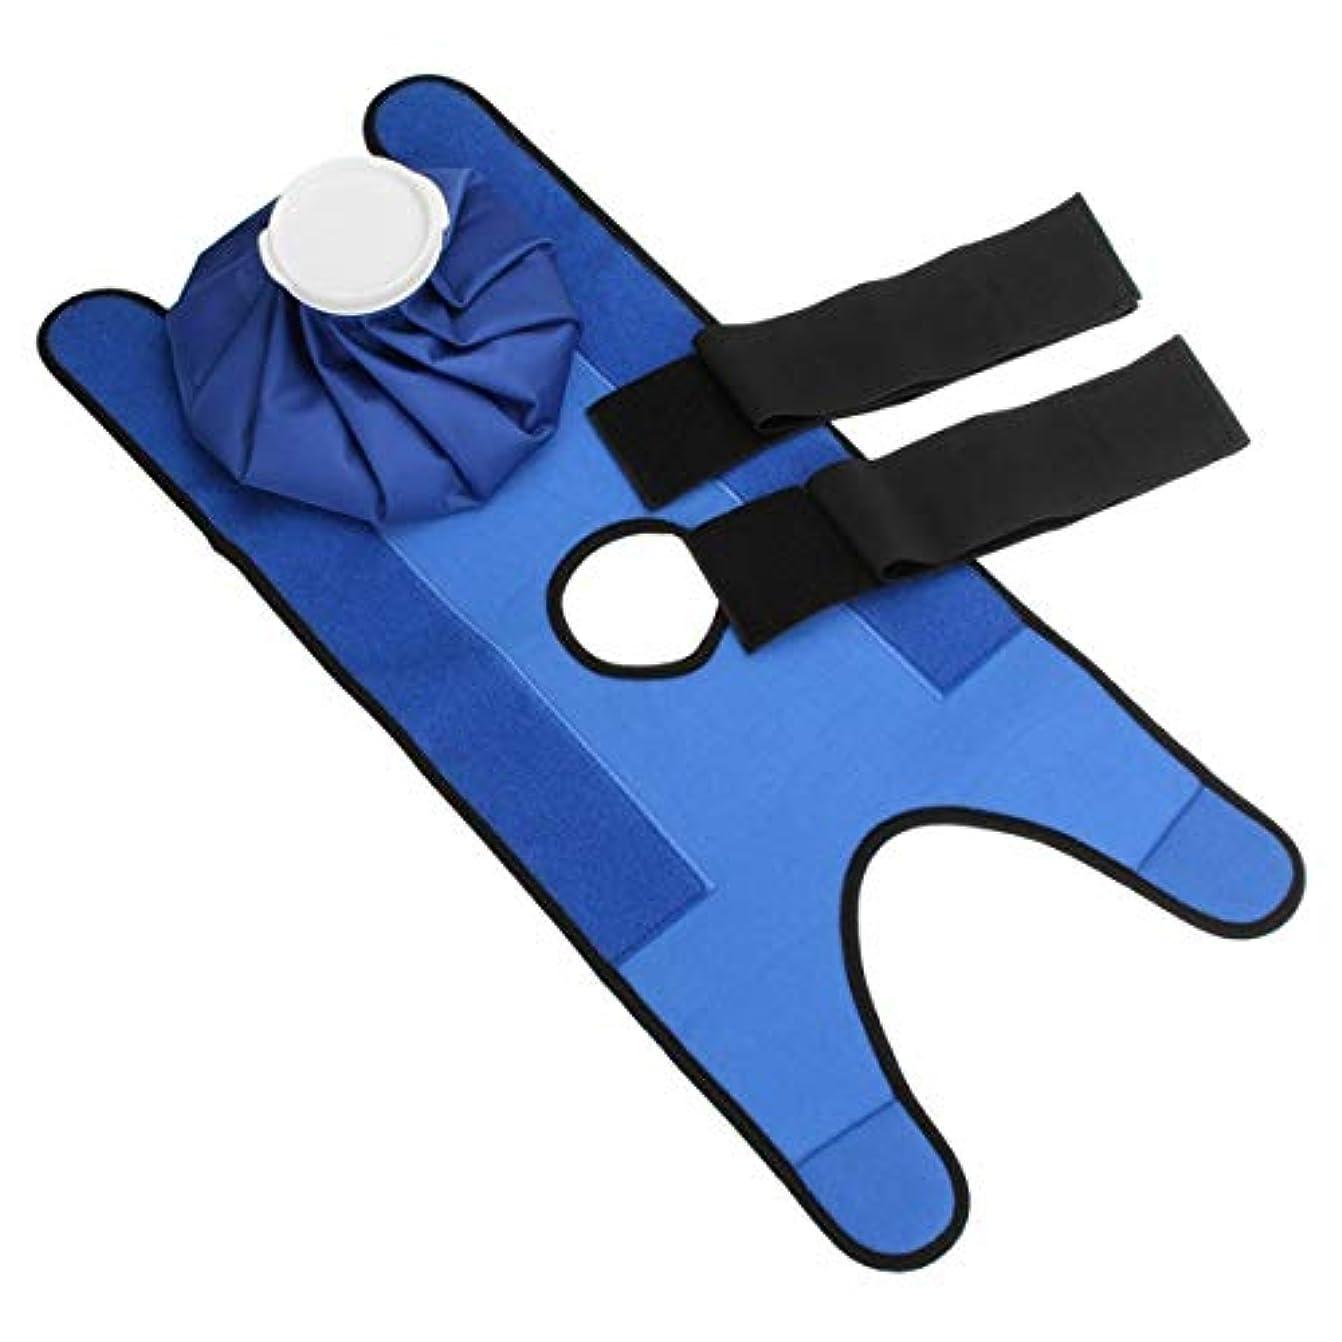 商業の誕生大胆Blackfell 小型サイズの再使用可能なヘルスケアの膝の頭部の足の筋肉スポーツ傷害の軽減の痛みのアイスバッグ包帯が付いている無毒なアイスパック